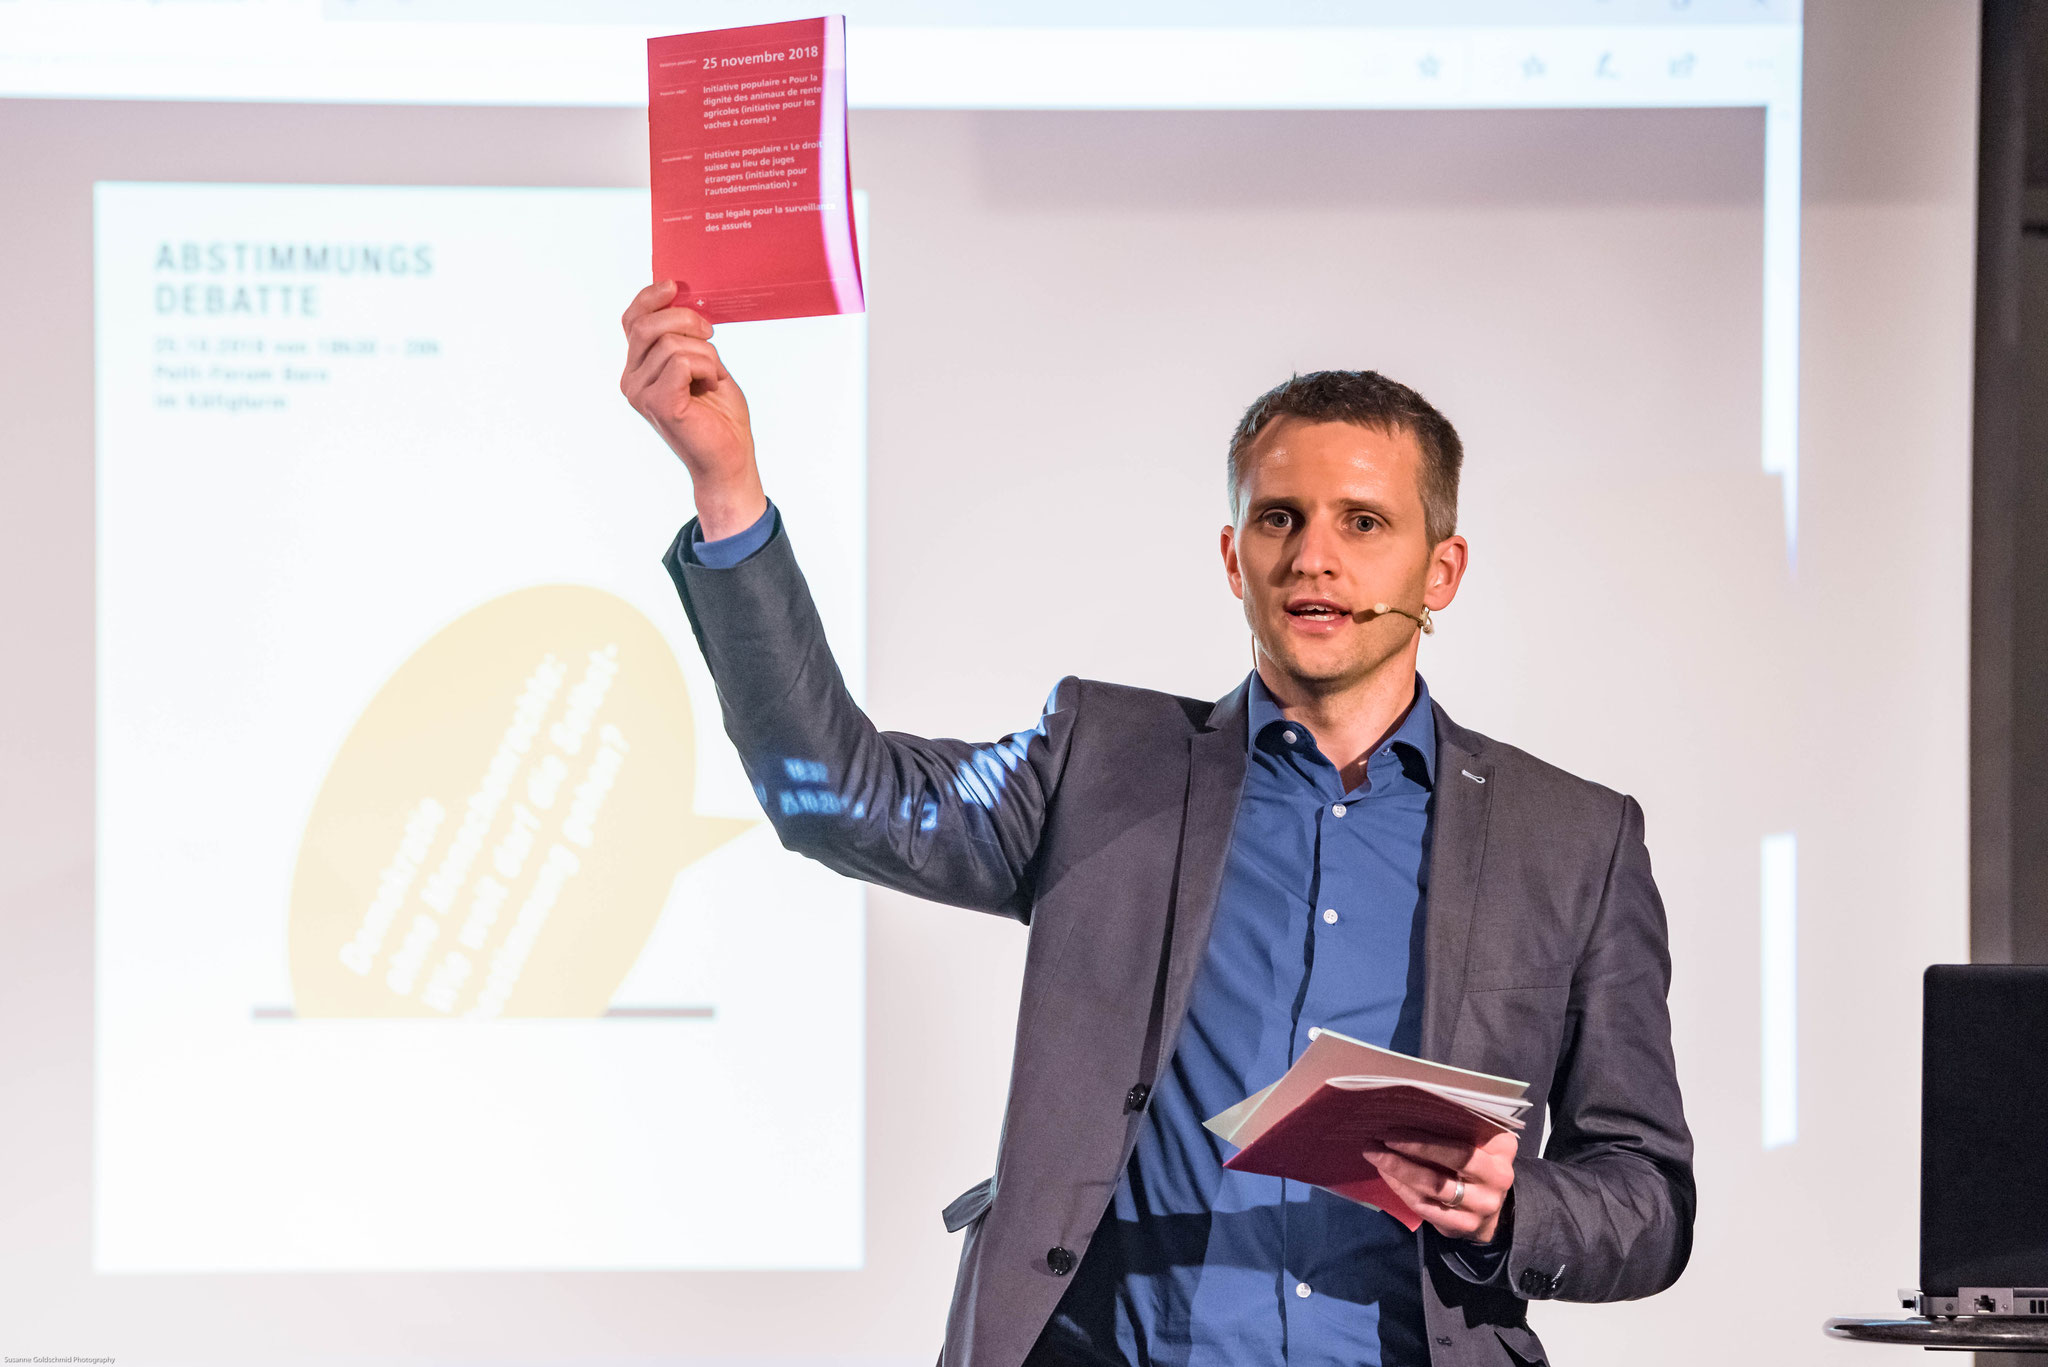 Dr. des. Michael U. Braunschweig (Leiter Fachstelle Reformierte im Dialog)